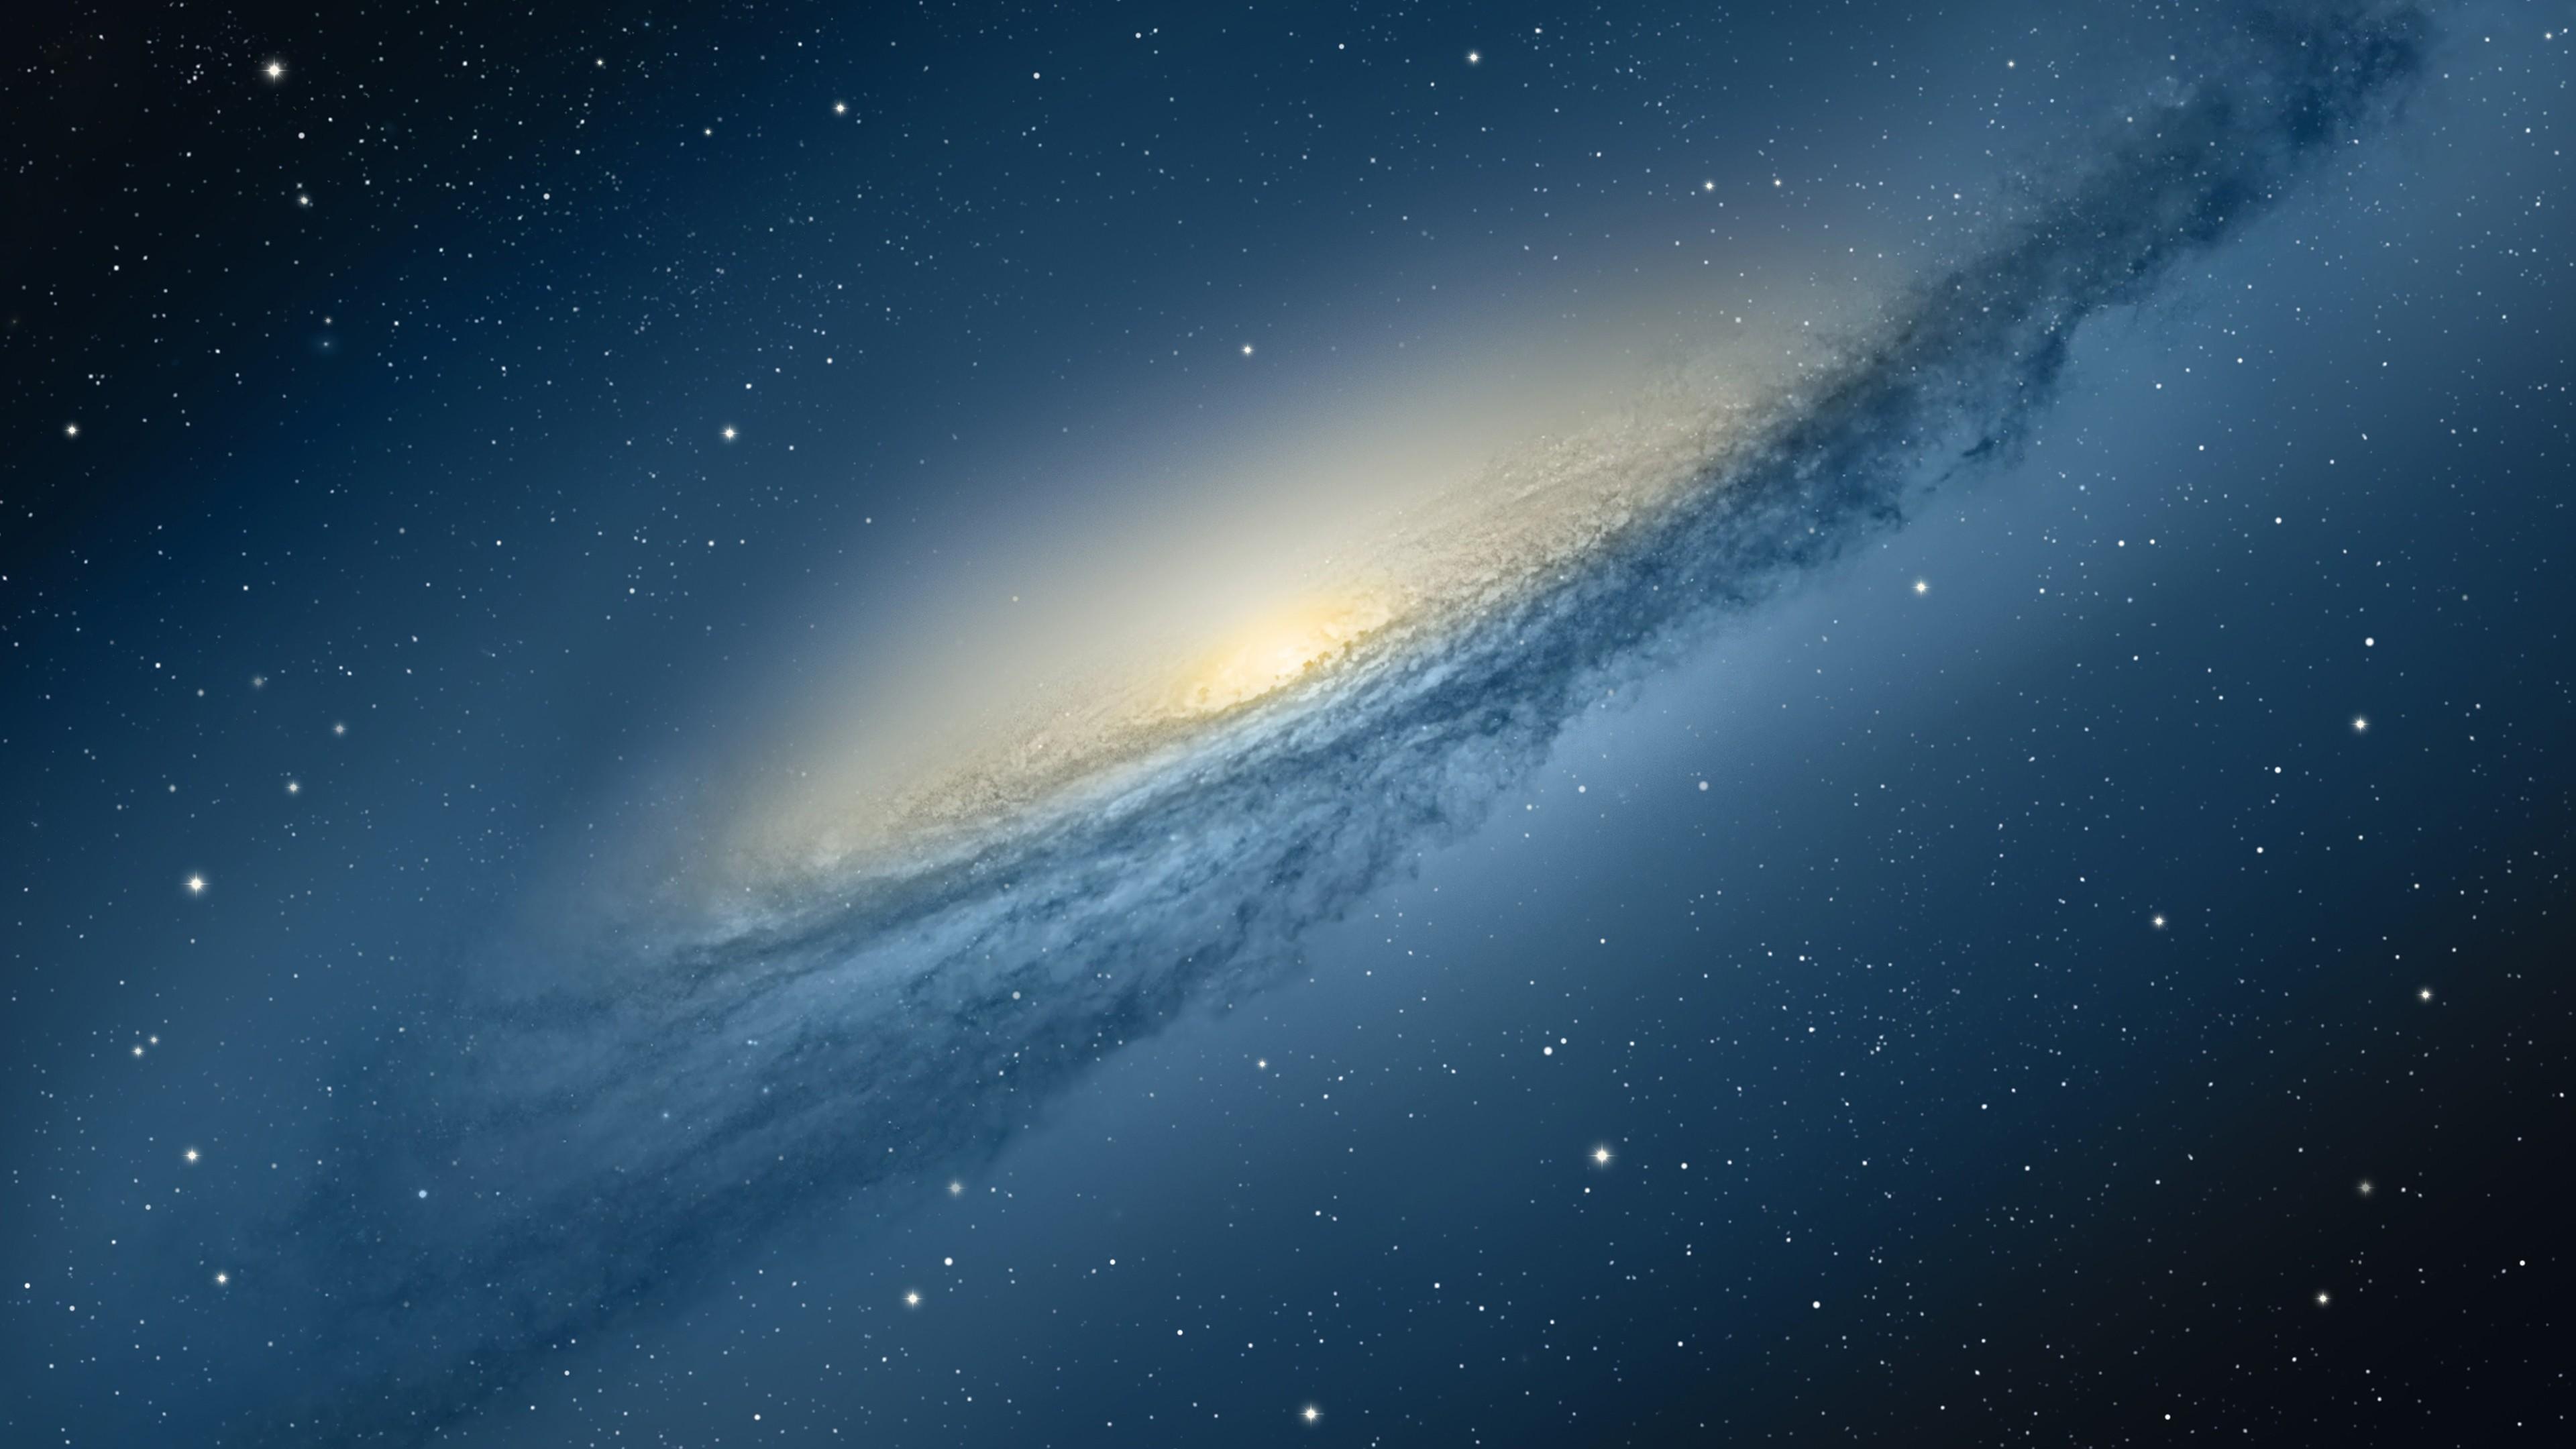 Galaxy Ps4wallpapers Com